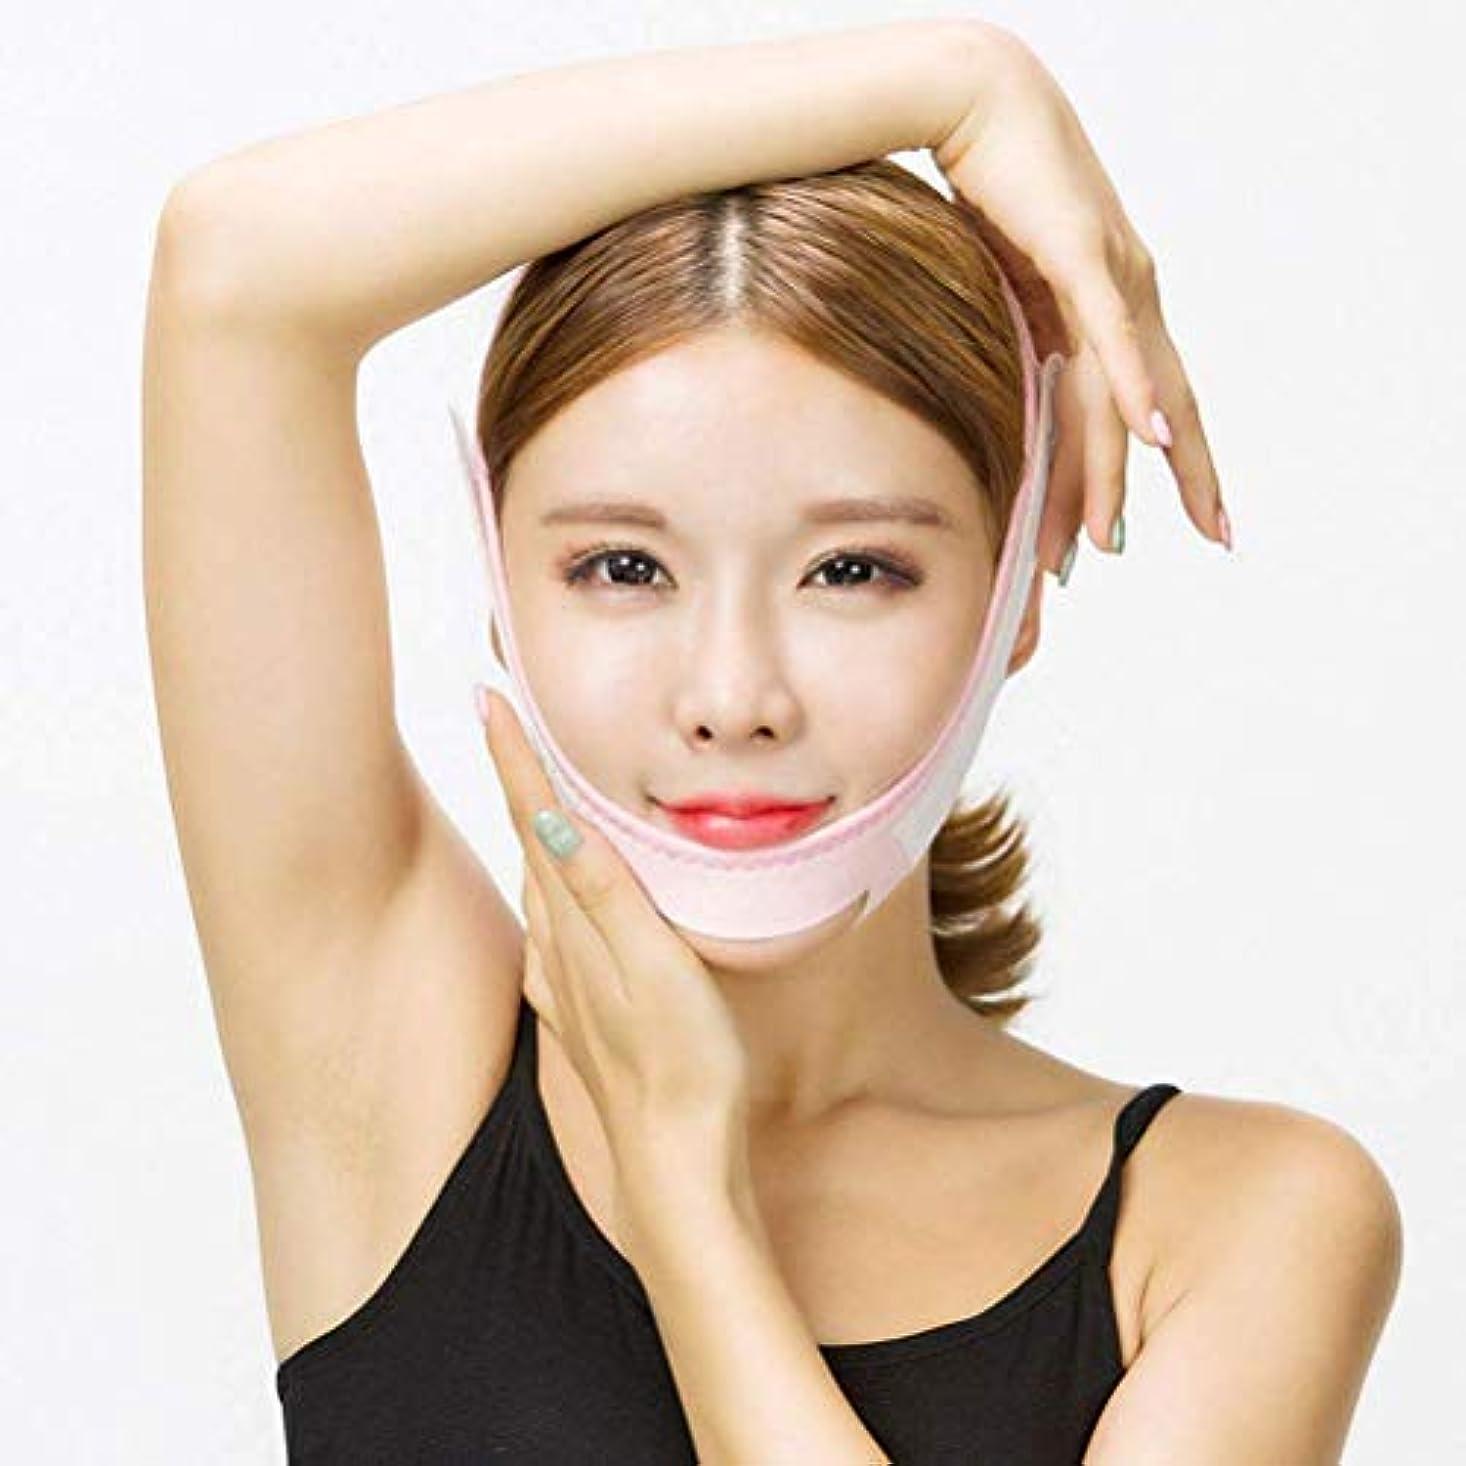 ポット擁する数二重あごベルト、薄いフェイスマスクフェイスリフト包帯、V顔面赤面フェイスリフトアーティファクト/あごチークマスク